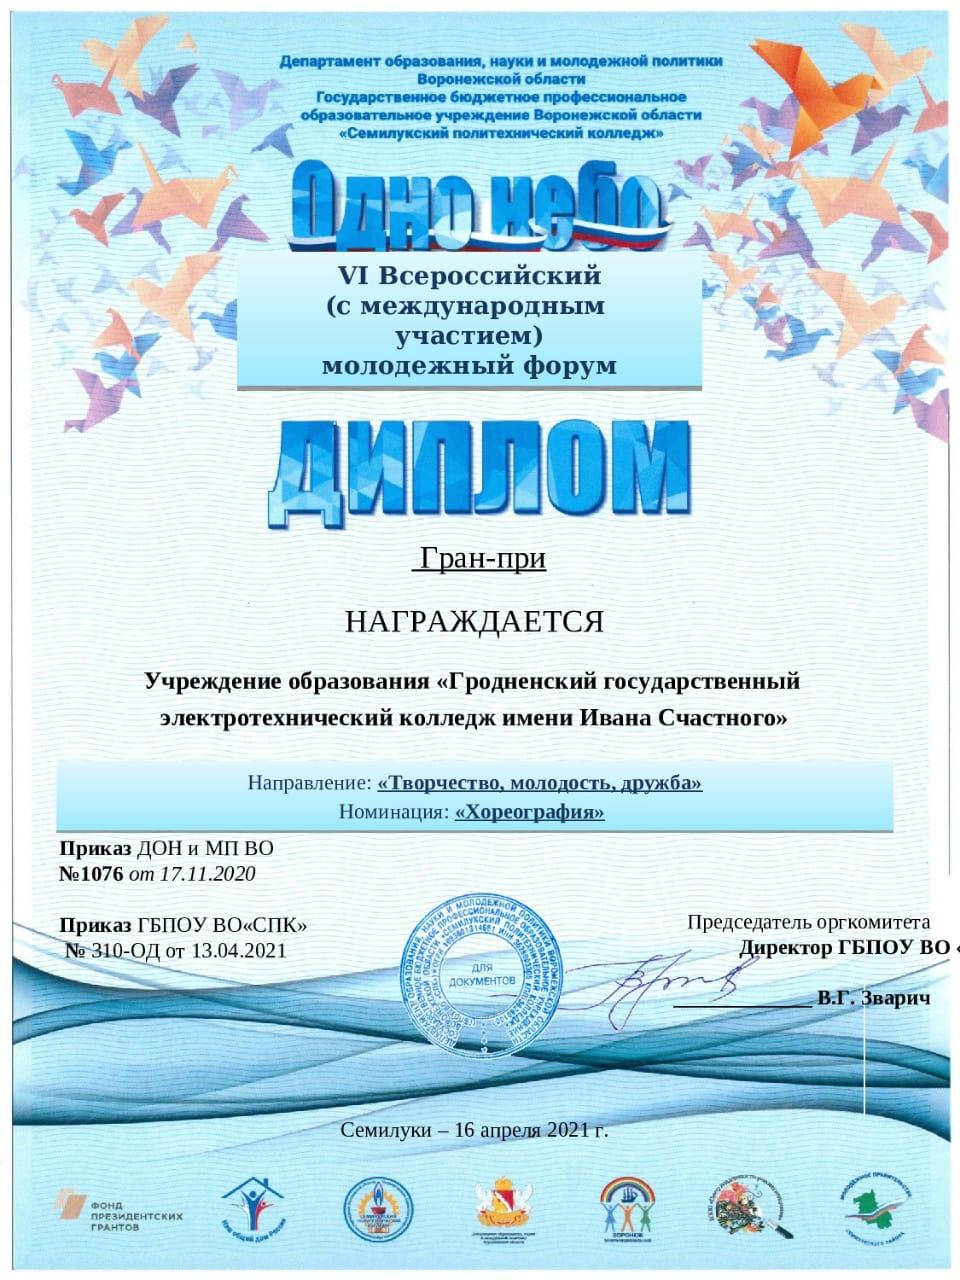 Очередные победы на Международном молодежном форуме «Одно небо»